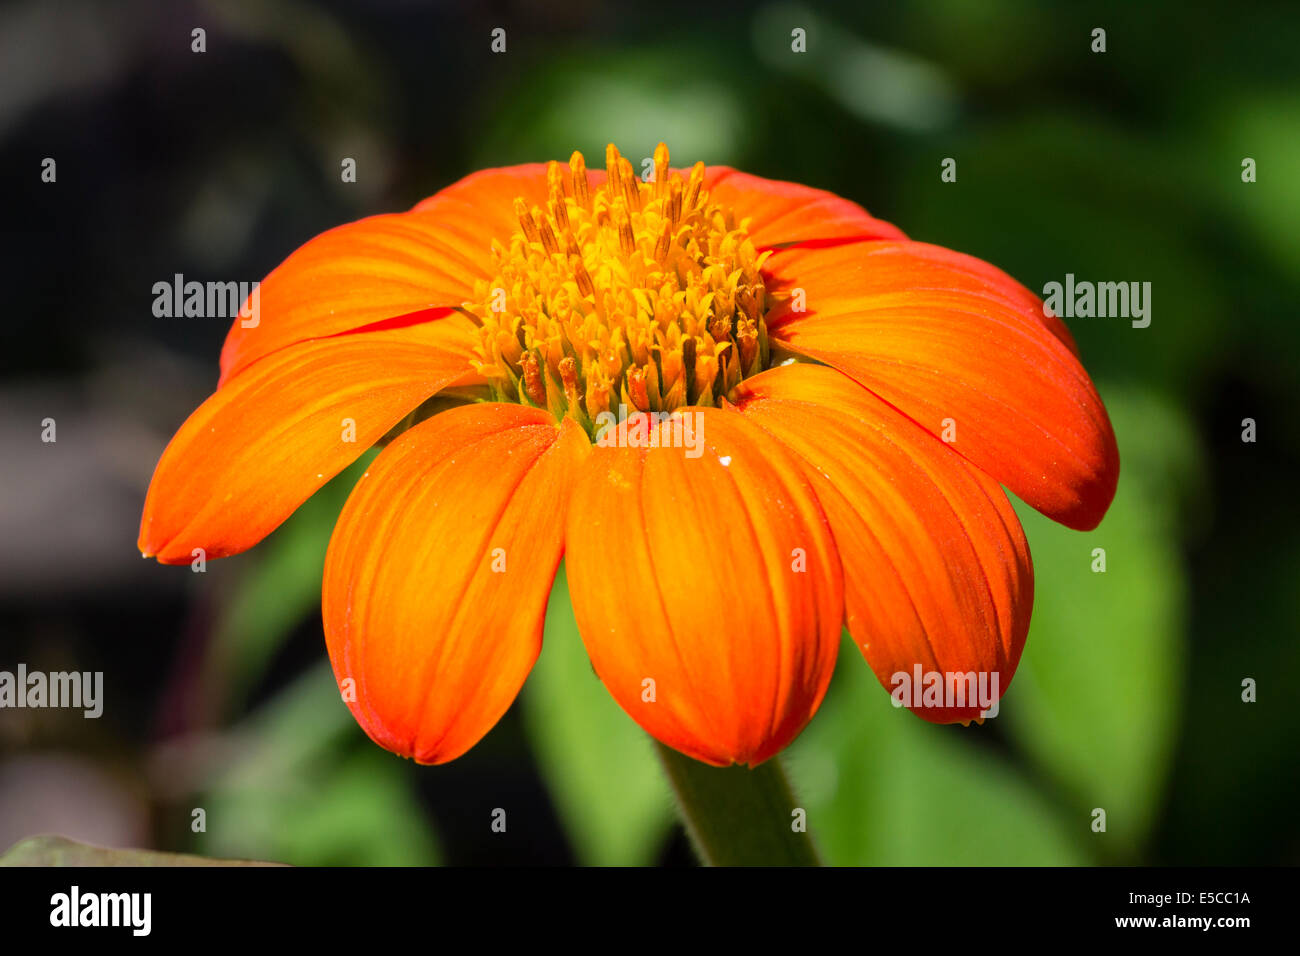 Fleur orange vif de Tithonia rotundifolia 'Torch' Photo Stock